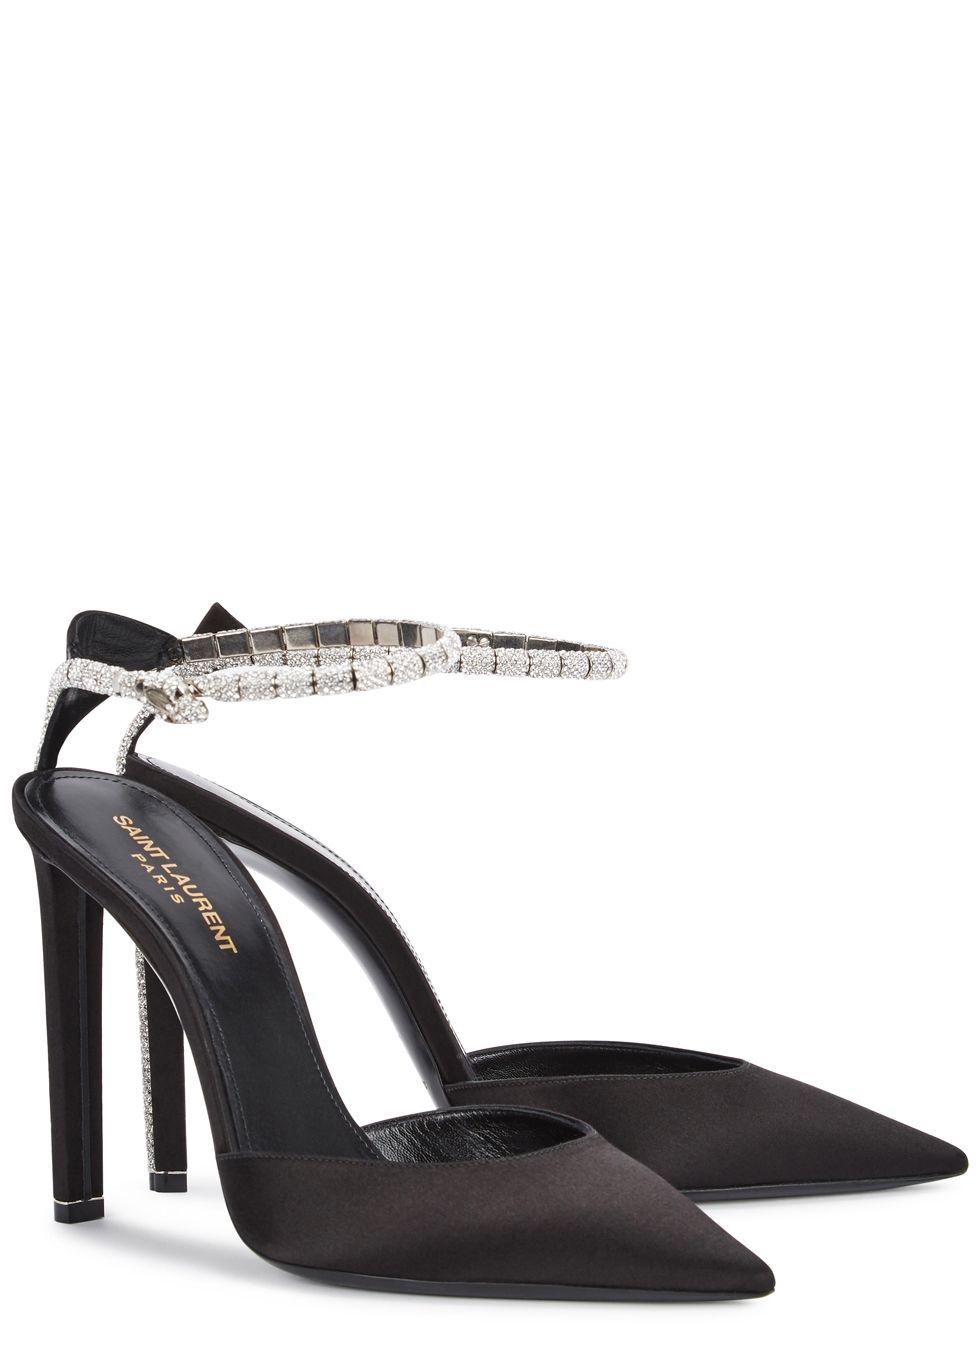 48528d1b56f Kate Swarovski-embellished satin pumps - Saint Laurent   Heels ...